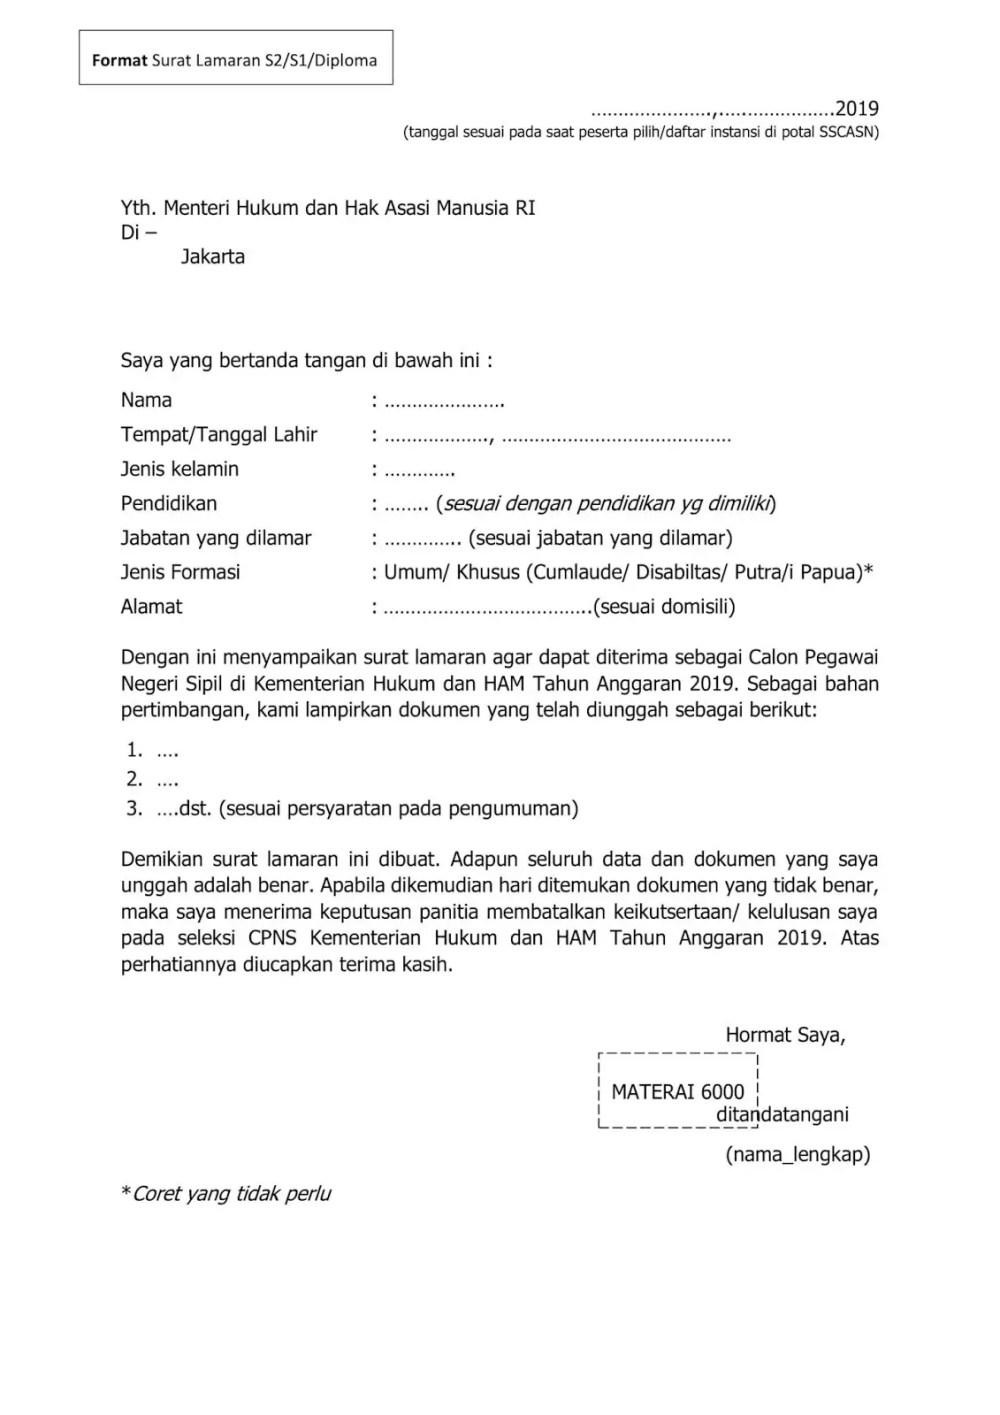 2. Contoh Surat Lamaran CPNS Sarjana